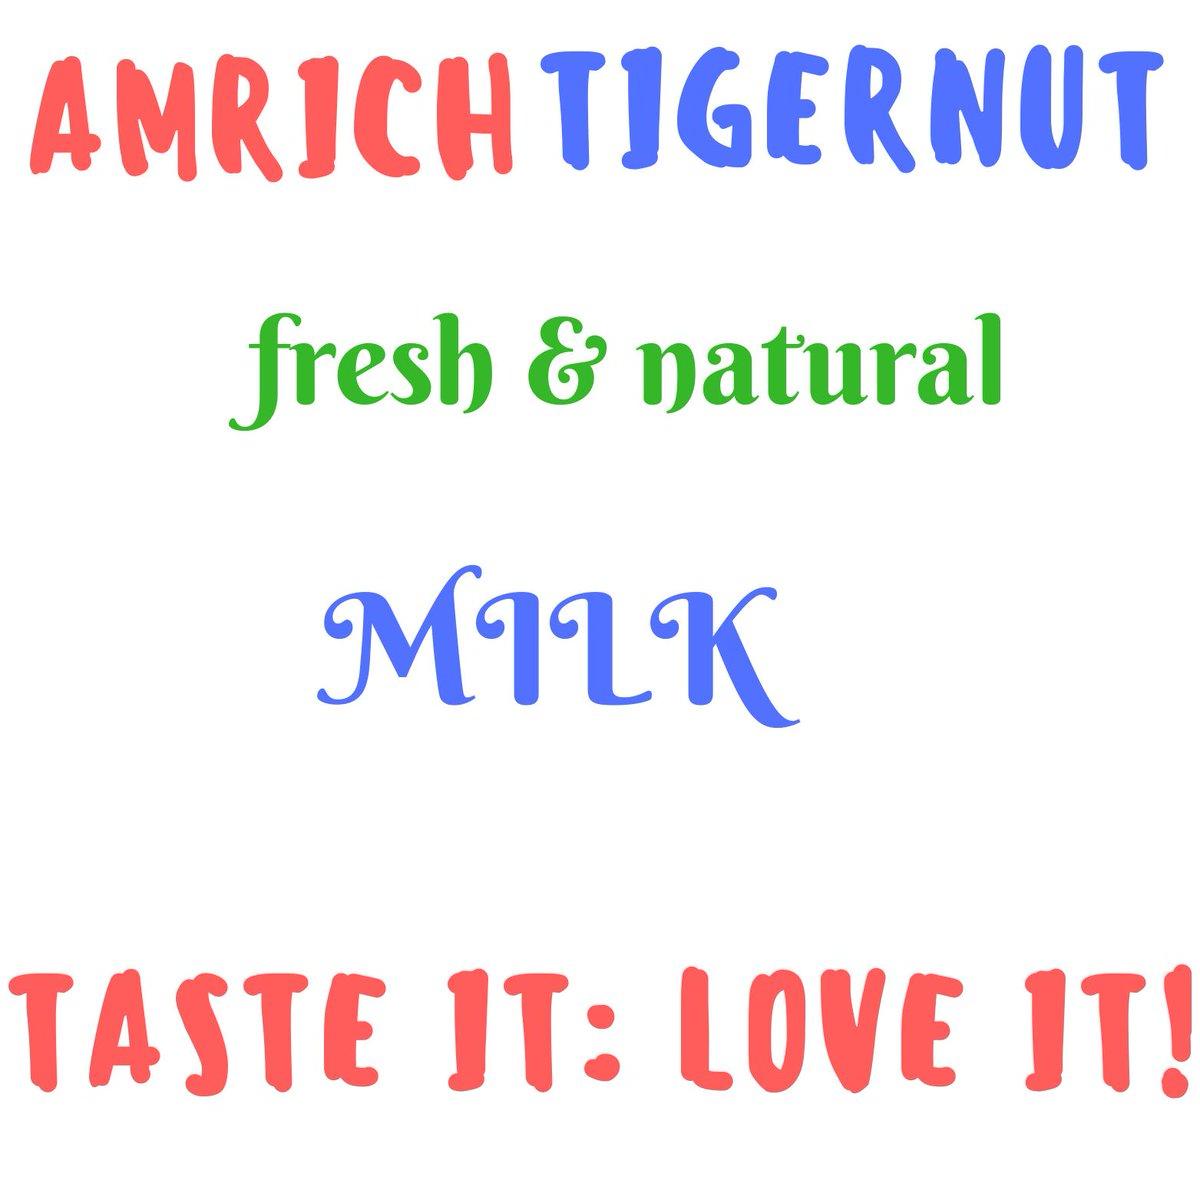 AMRICH TigerNut Milk  (@AmrichMilk) | Twitter